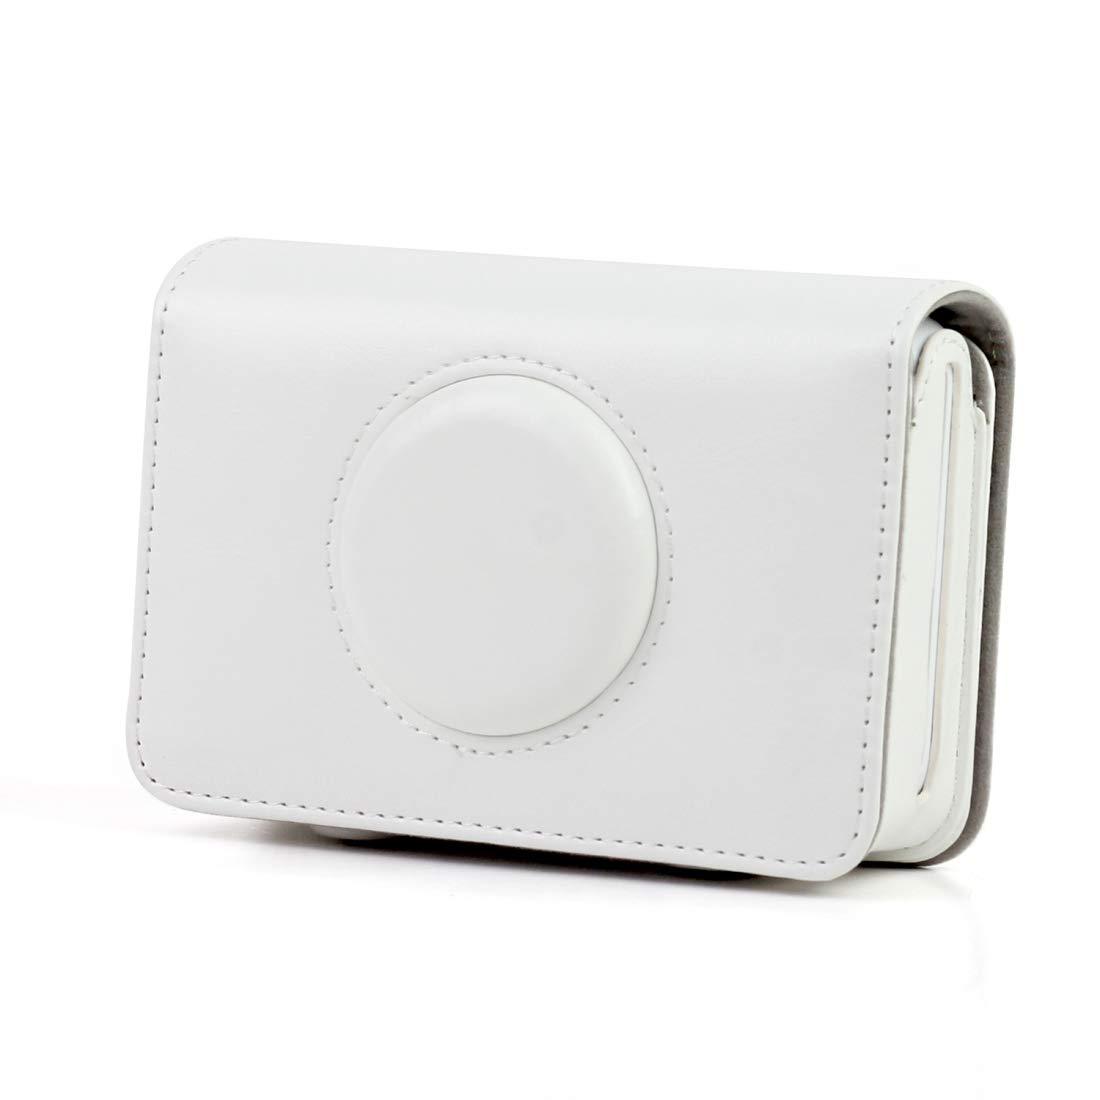 レザーカメラケース ソリッドカラー PUレザーケース ポラロイドスナップタッチカメラ用 (ブラック) メンズ レディース (カラー:ホワイト) B07PMSZXTH